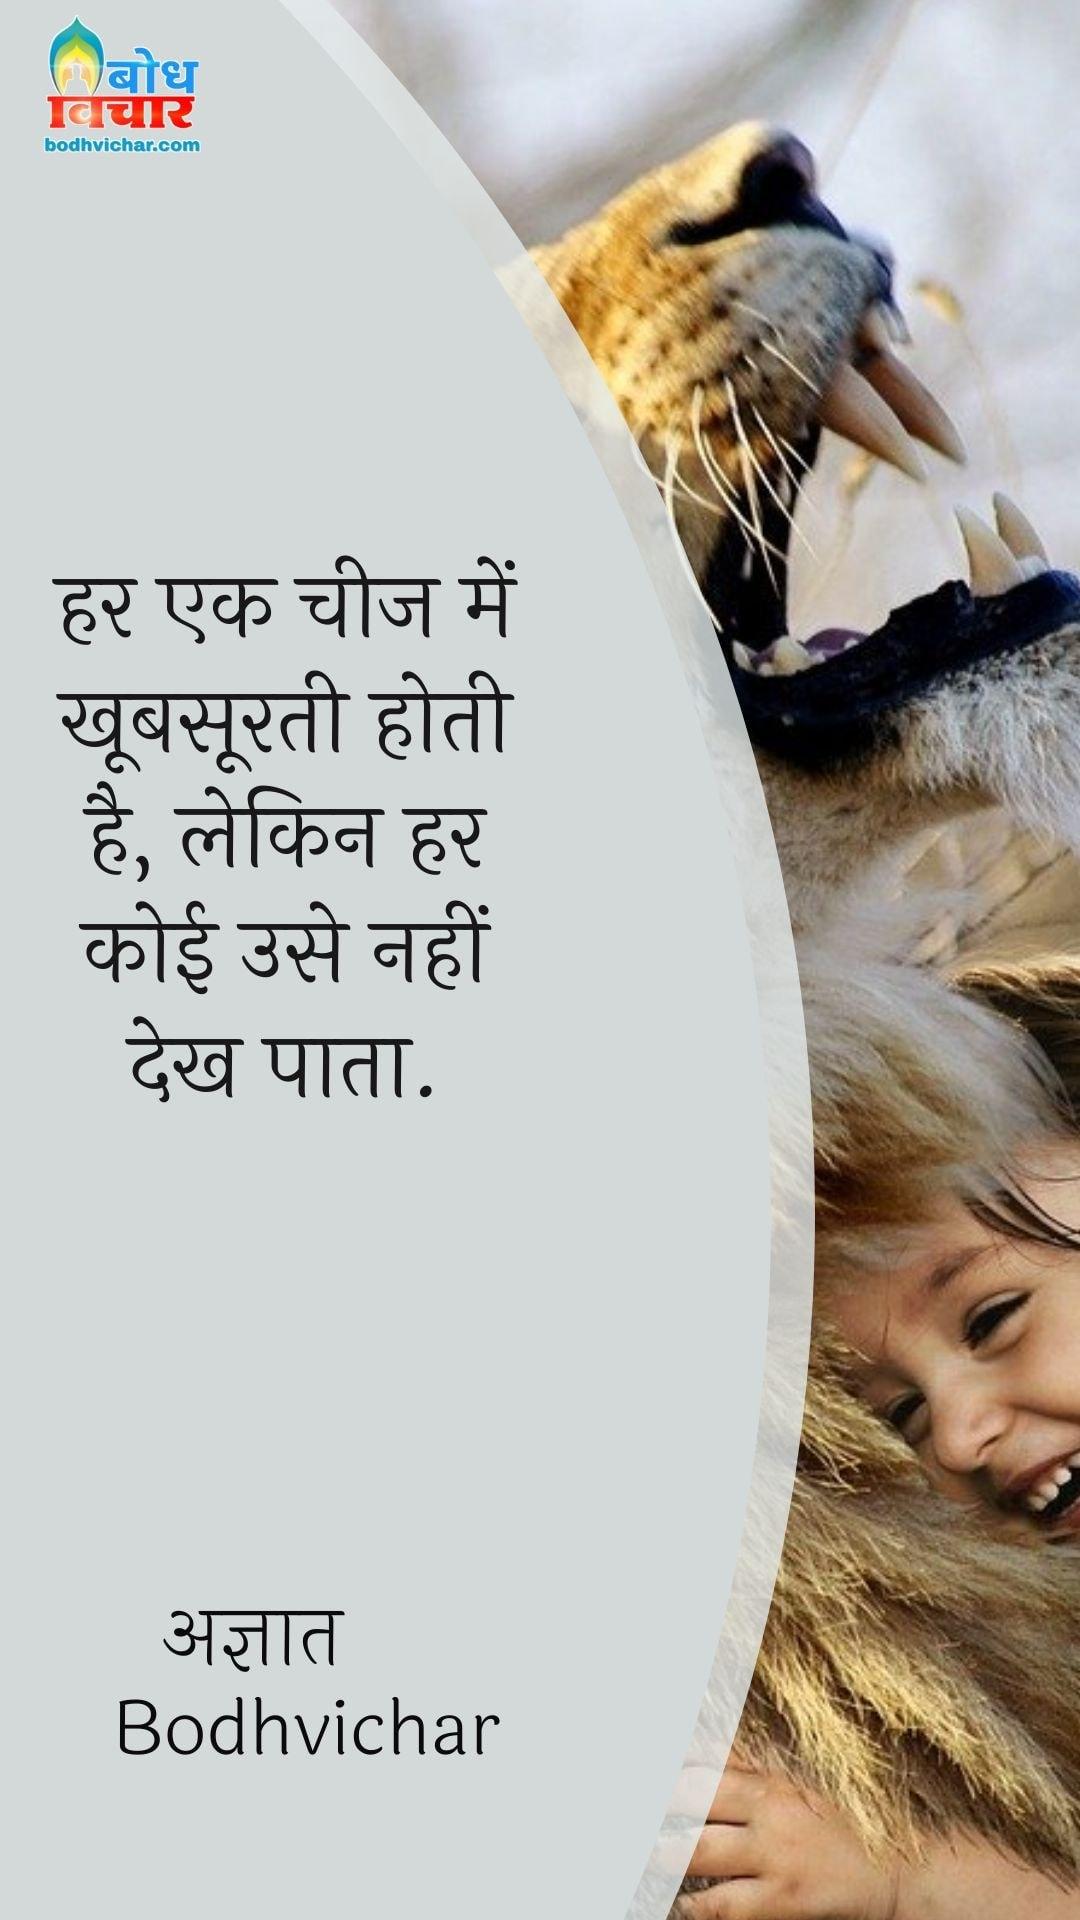 हर एक चीज में खूबसूरती होती है, लेकिन हर कोई उसे नहीं देख पाता. : Har ek cheez mein khoobsoorti hai, lekin har koi use nahi dekh paata. - अज्ञात